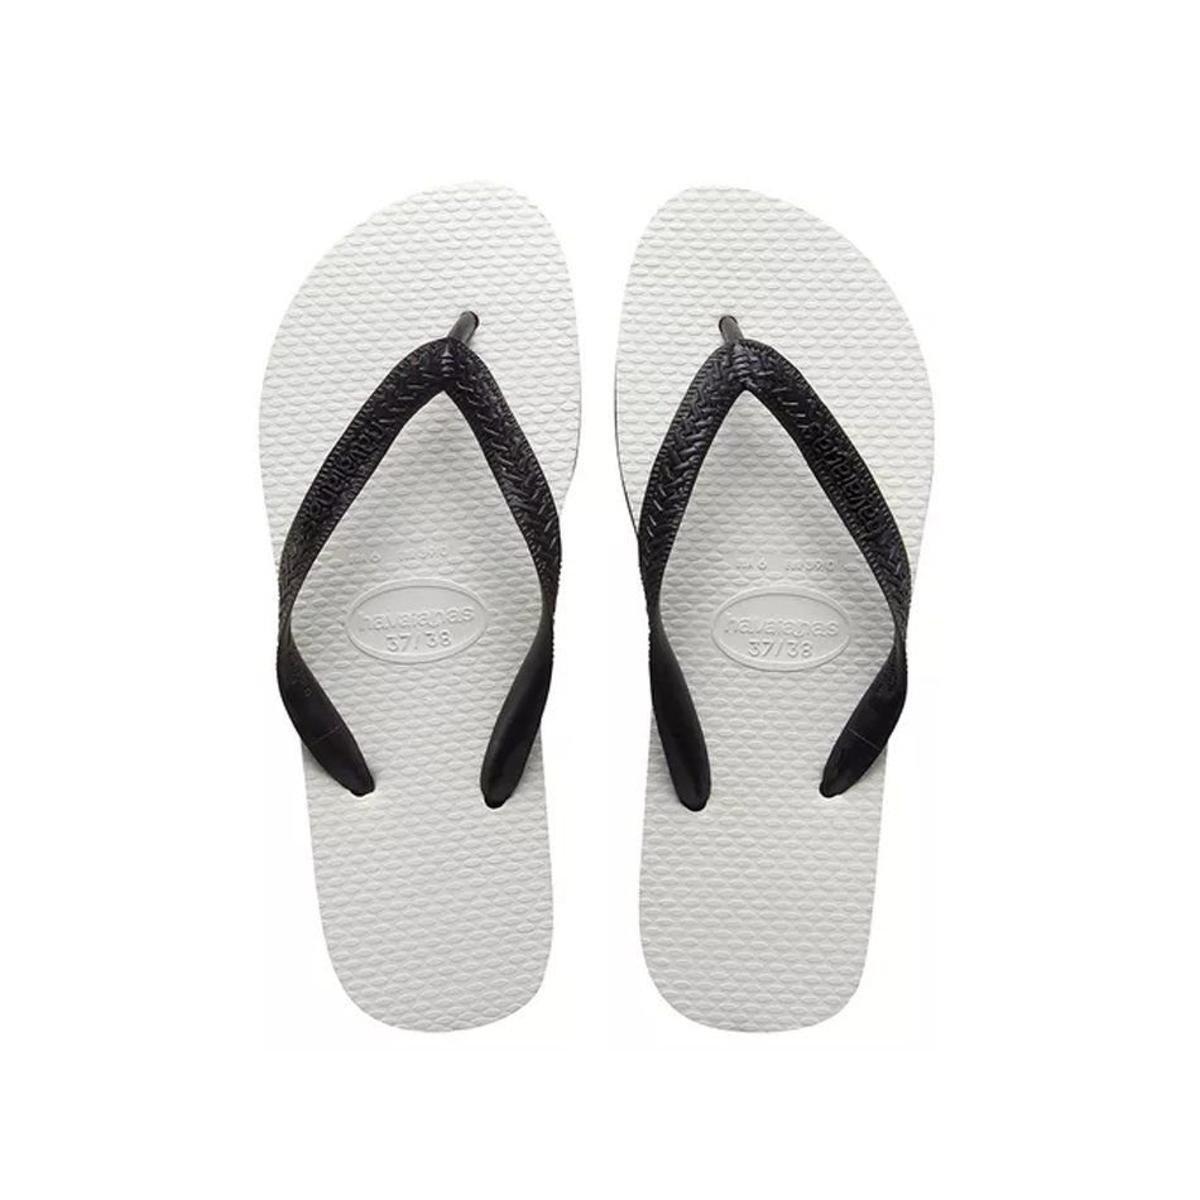 bec0ccc6f Havaianas Tradicional - Preto e Branco - Compre Agora